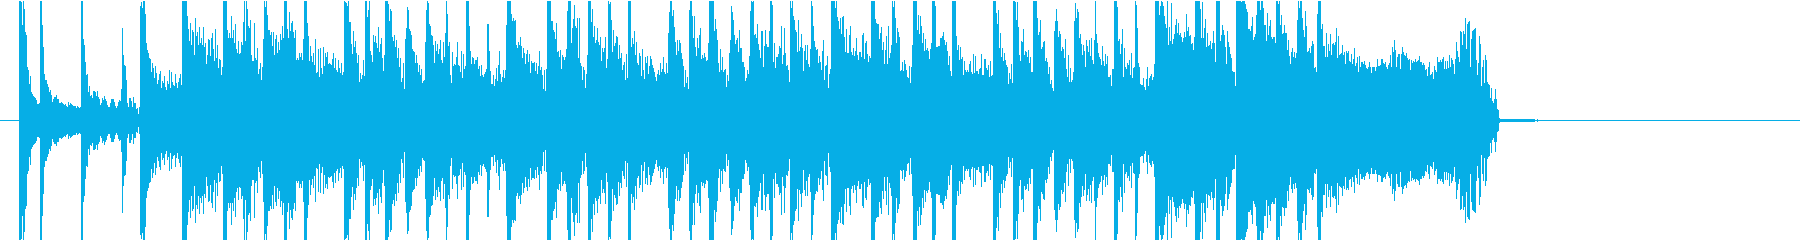 フレンチポップ風ジングルの再生済みの波形